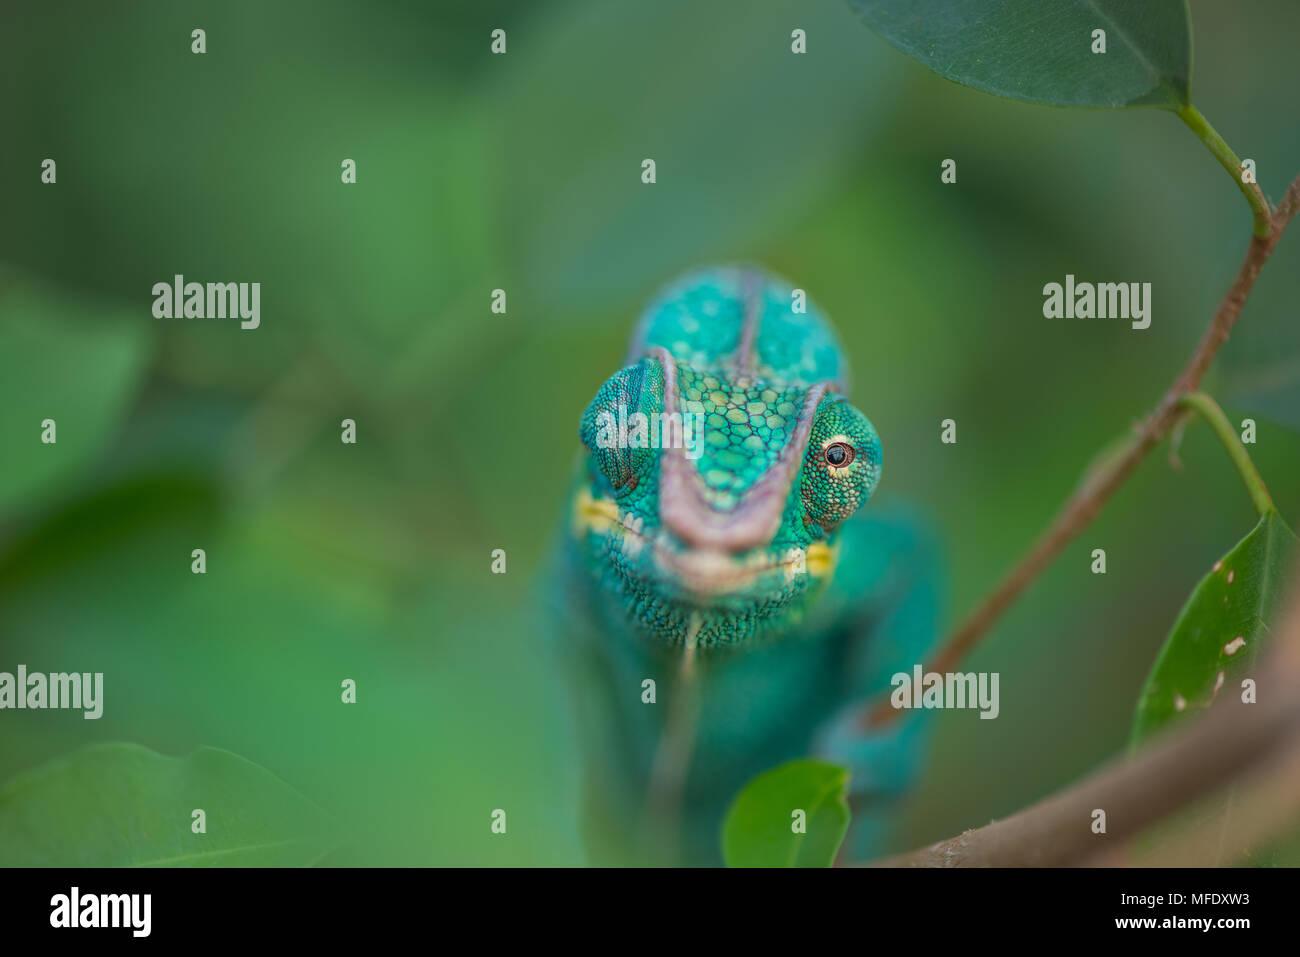 Camaleón pantera con brillantes colores / Vida silvestre de Madagascar Nosy Be / / / Azul camaleón Furcifer pardalis Imagen De Stock